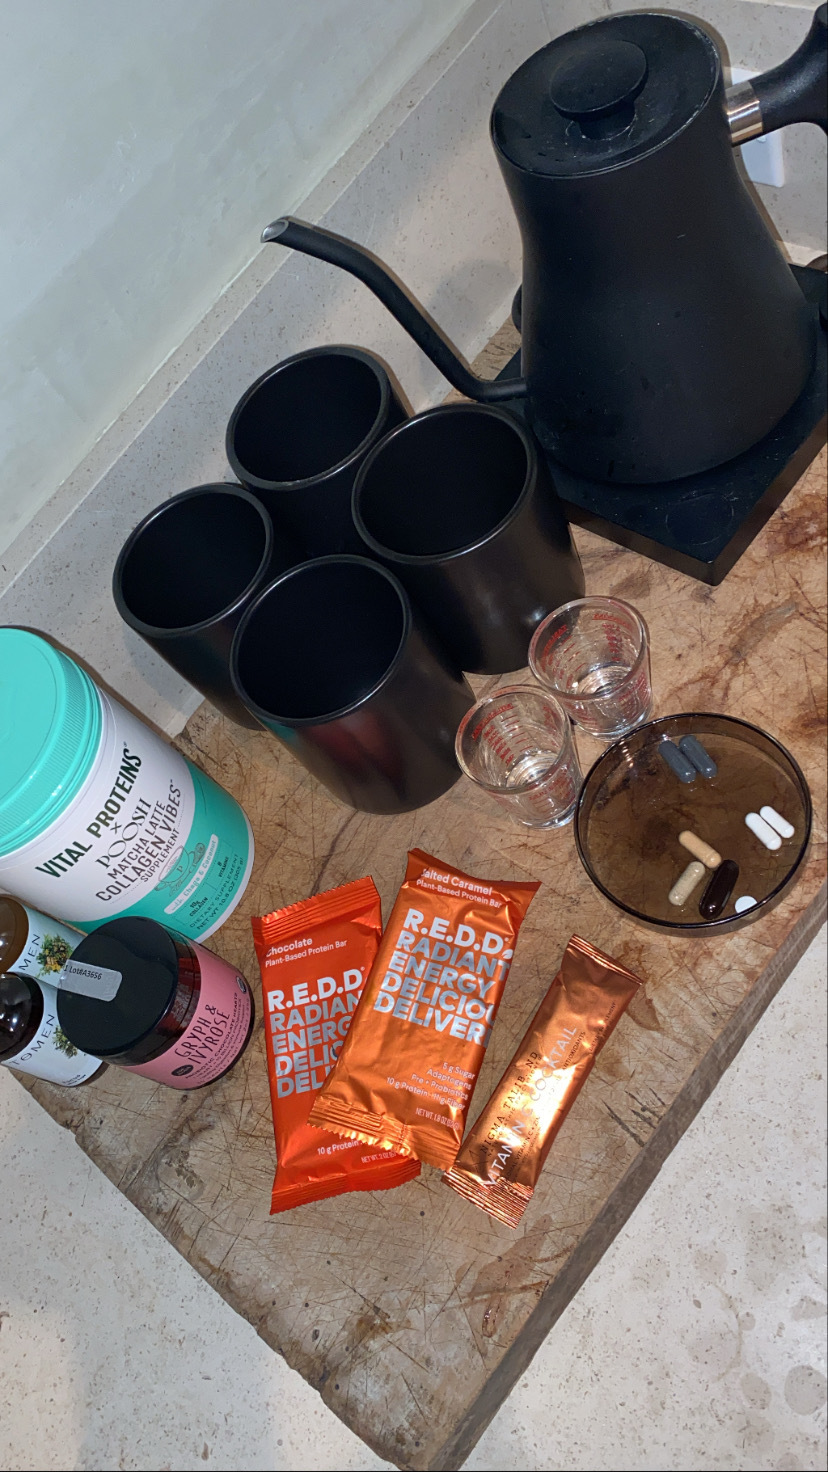 kourtney kardashian mobile tea and supplement setup